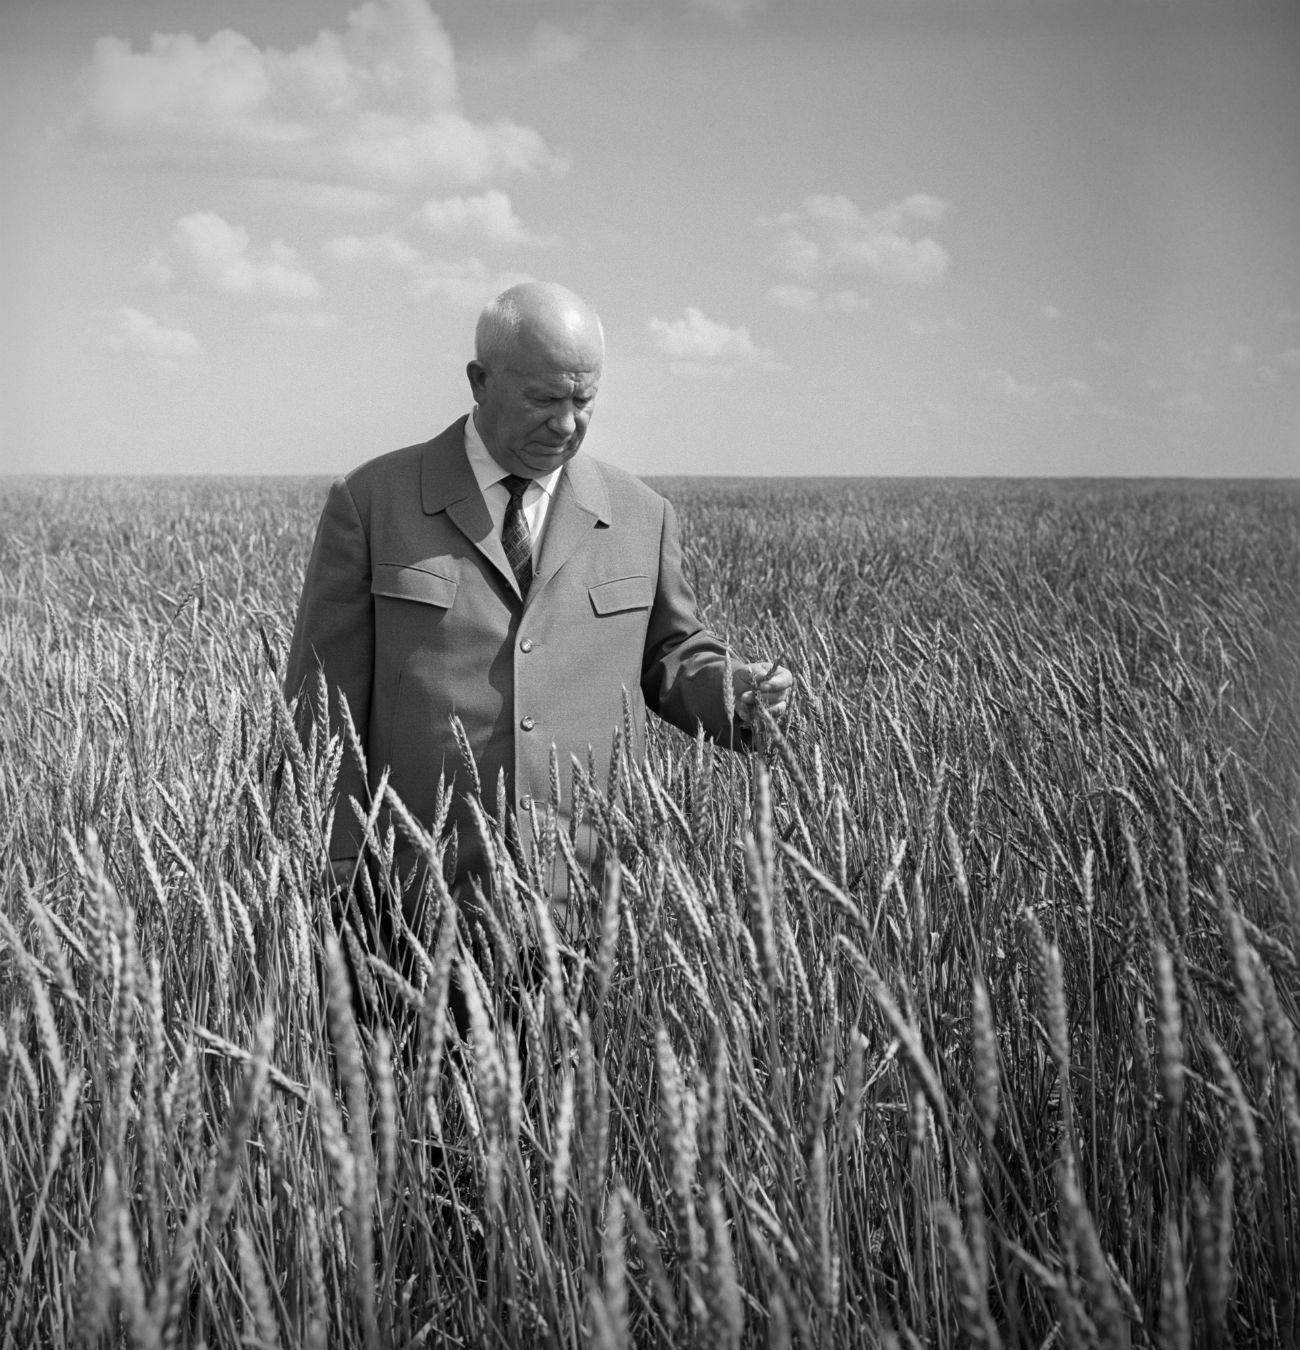 Primeiro Secretário do Partido Comunista da União Soviética Nikita Khruschov em visita aos campos da Fazenda Estatal Moskovsky (Foto: Valentin Sobolev/TASS)